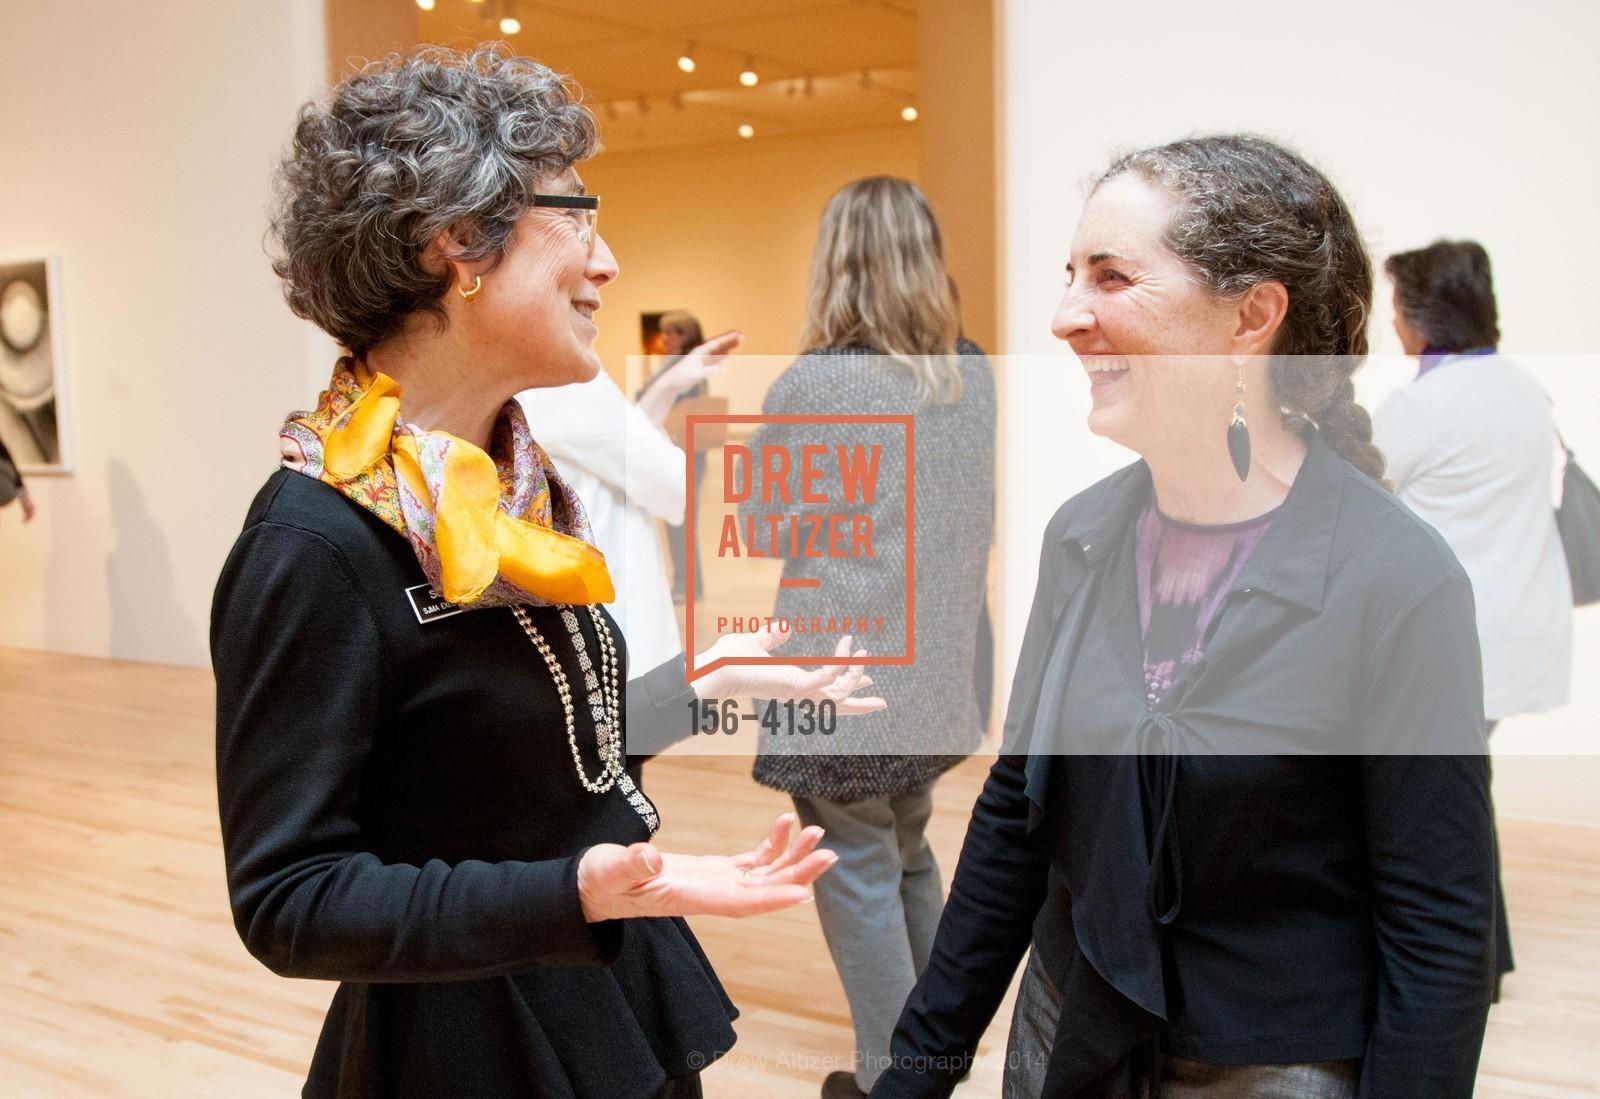 Susan Krane, Sarah Ratchye, Photo #156-4130